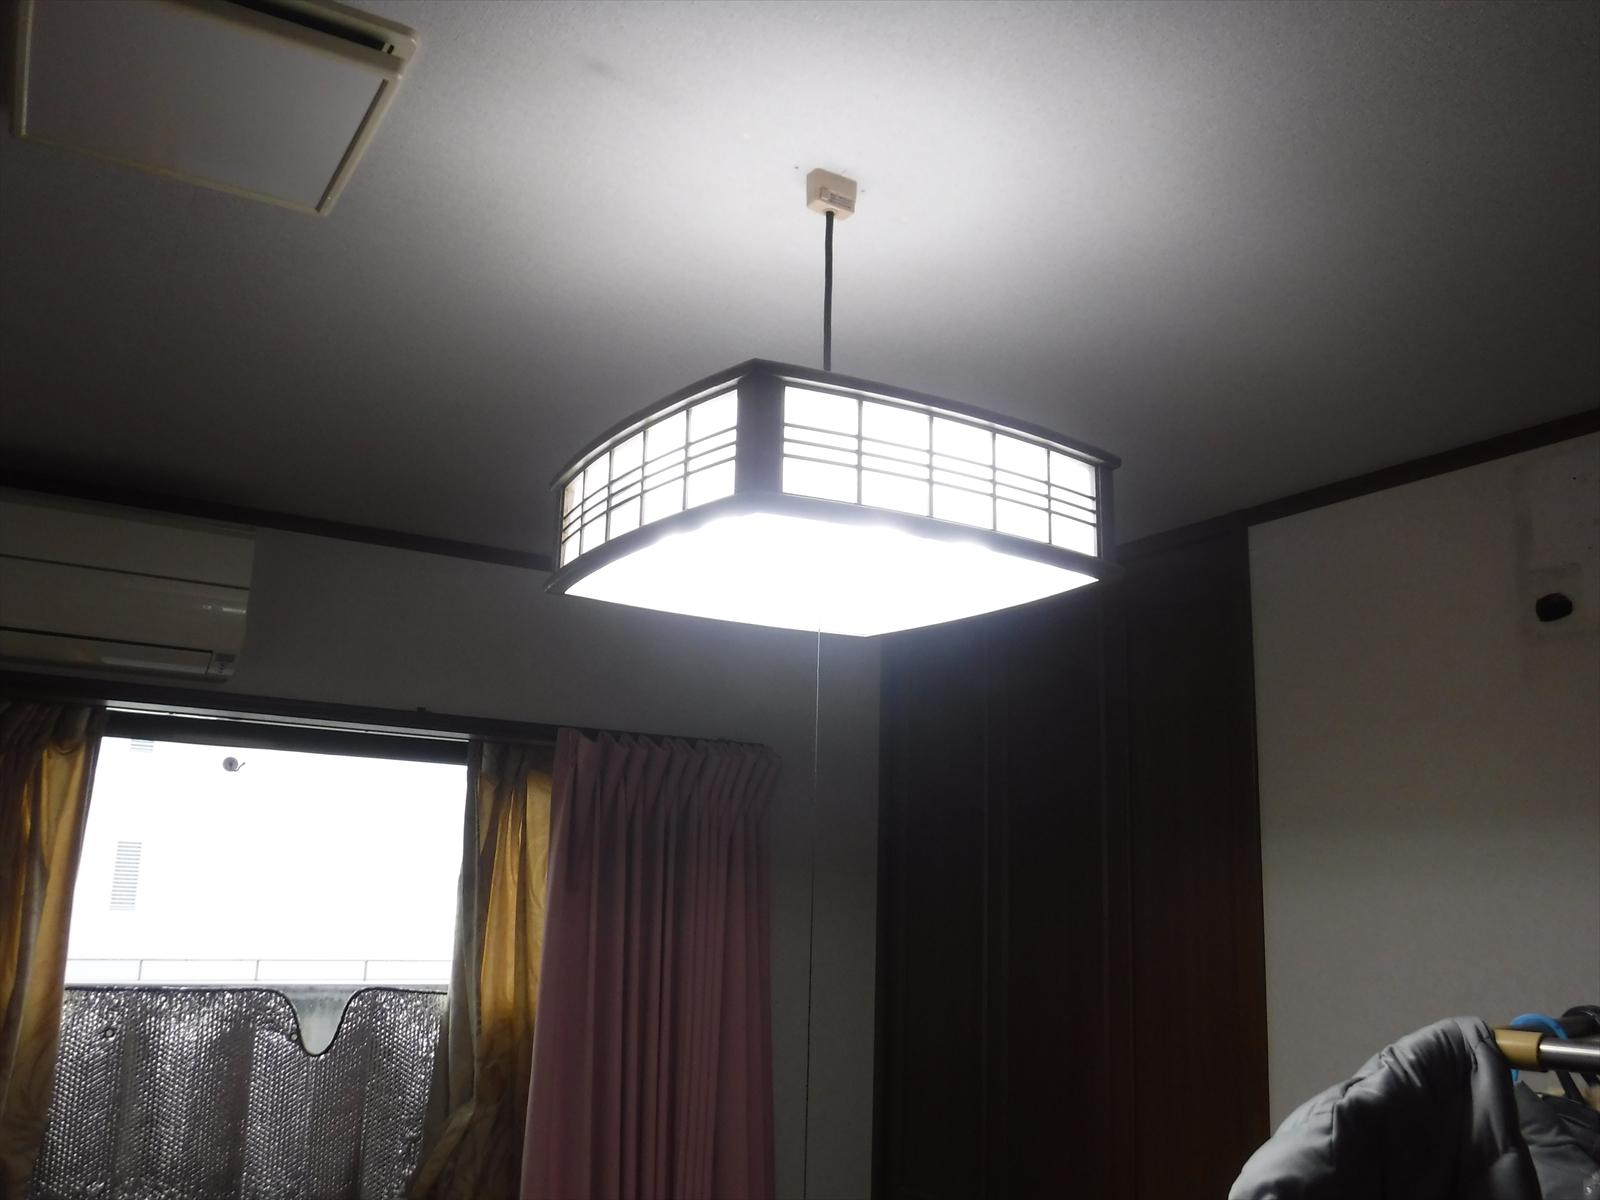 何でもいいので・・・2Fの2部屋、天井照明が使えるようにしてください!